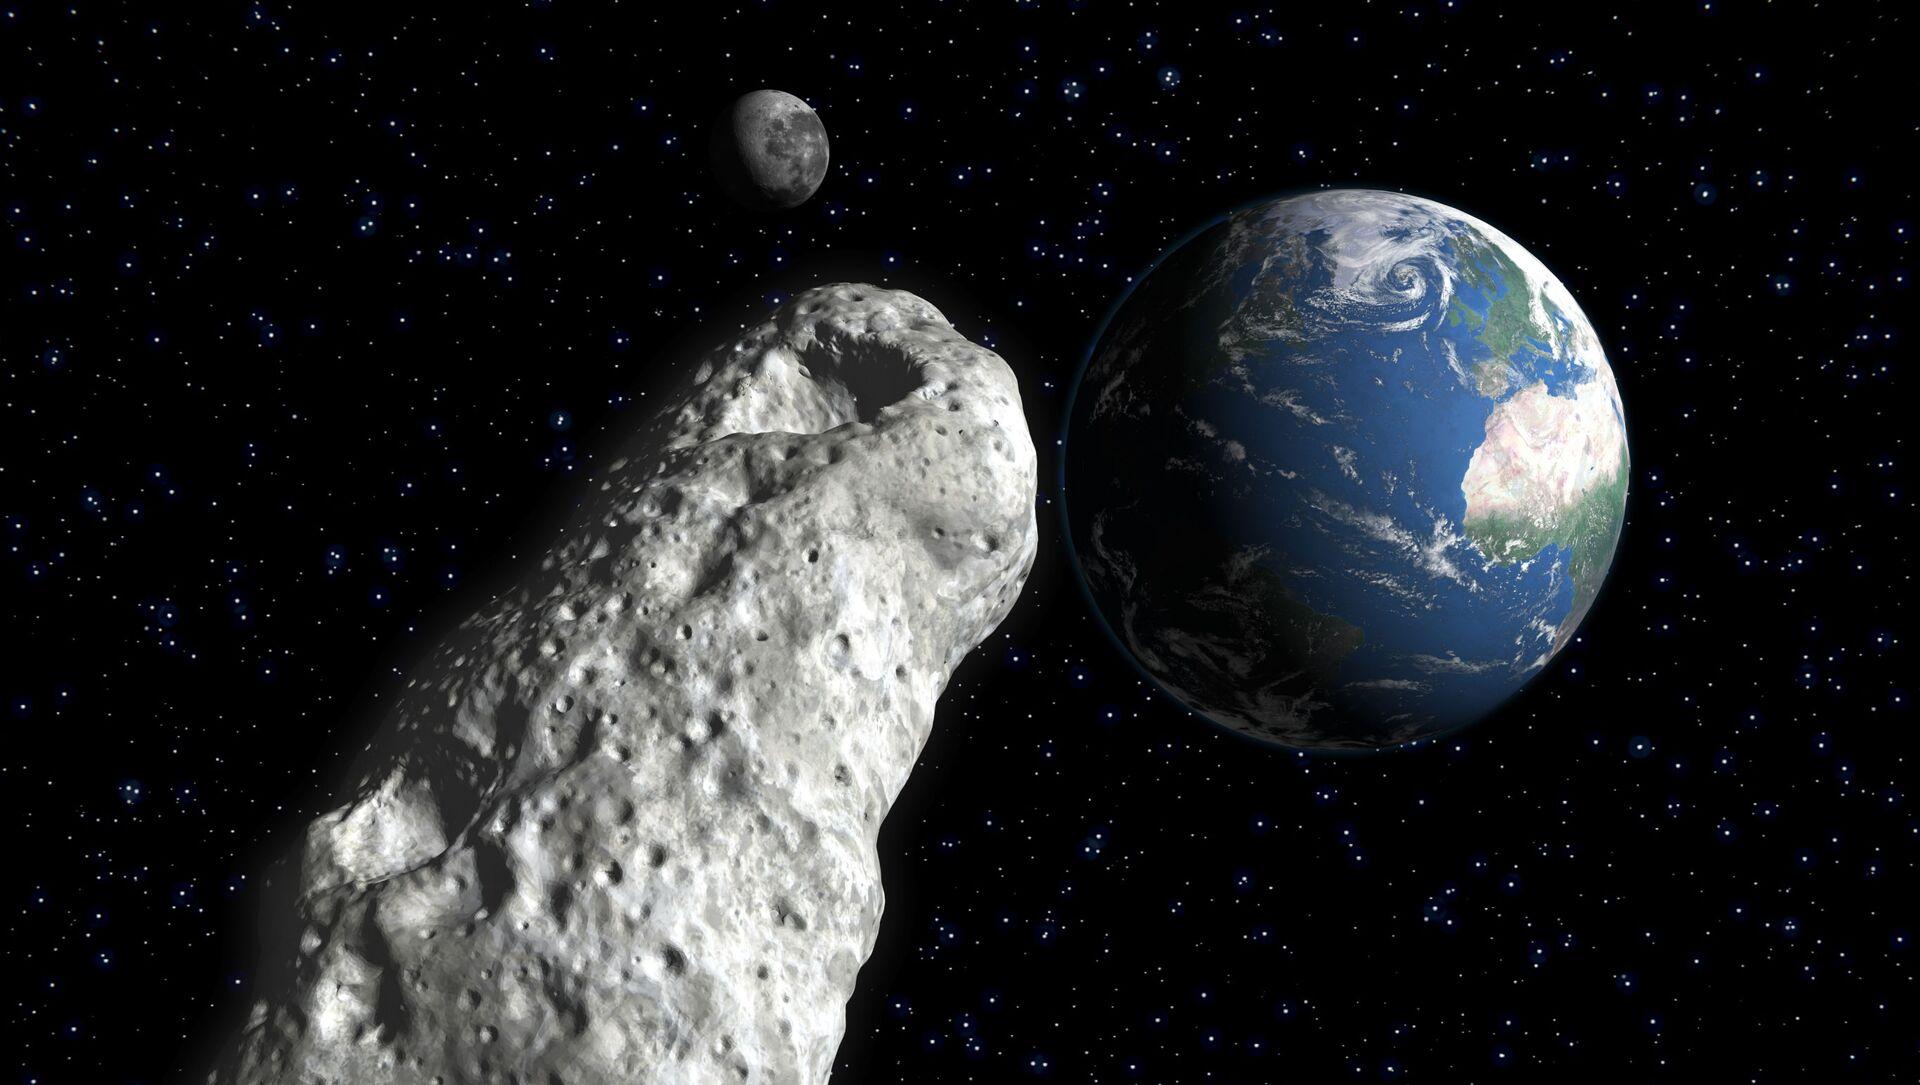 Un asteroide vicino alla Terra - Sputnik Italia, 1920, 01.04.2021